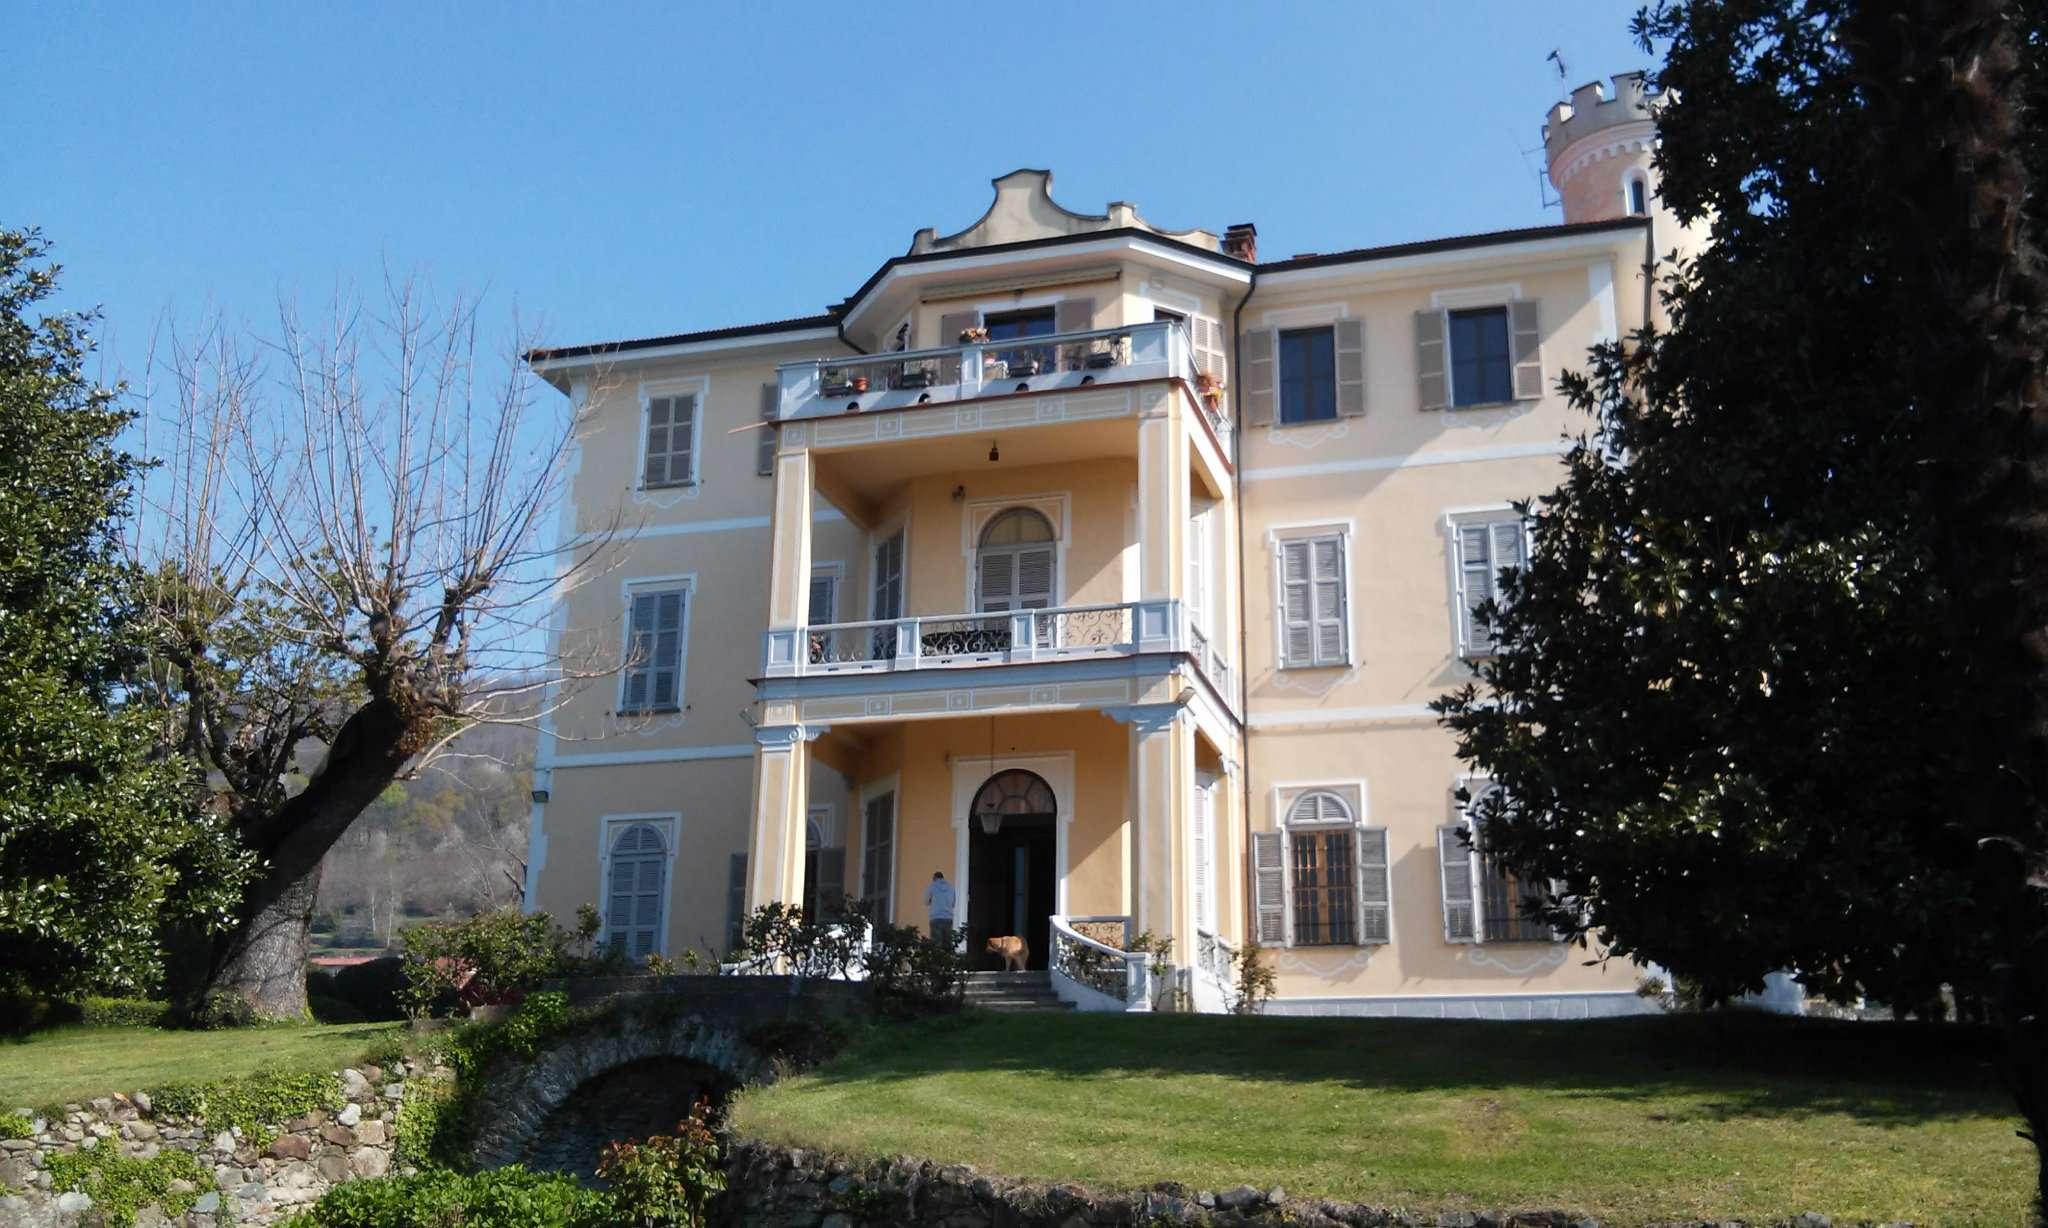 Appartamento in vendita a Piverone, 9999 locali, prezzo € 290.000 | CambioCasa.it